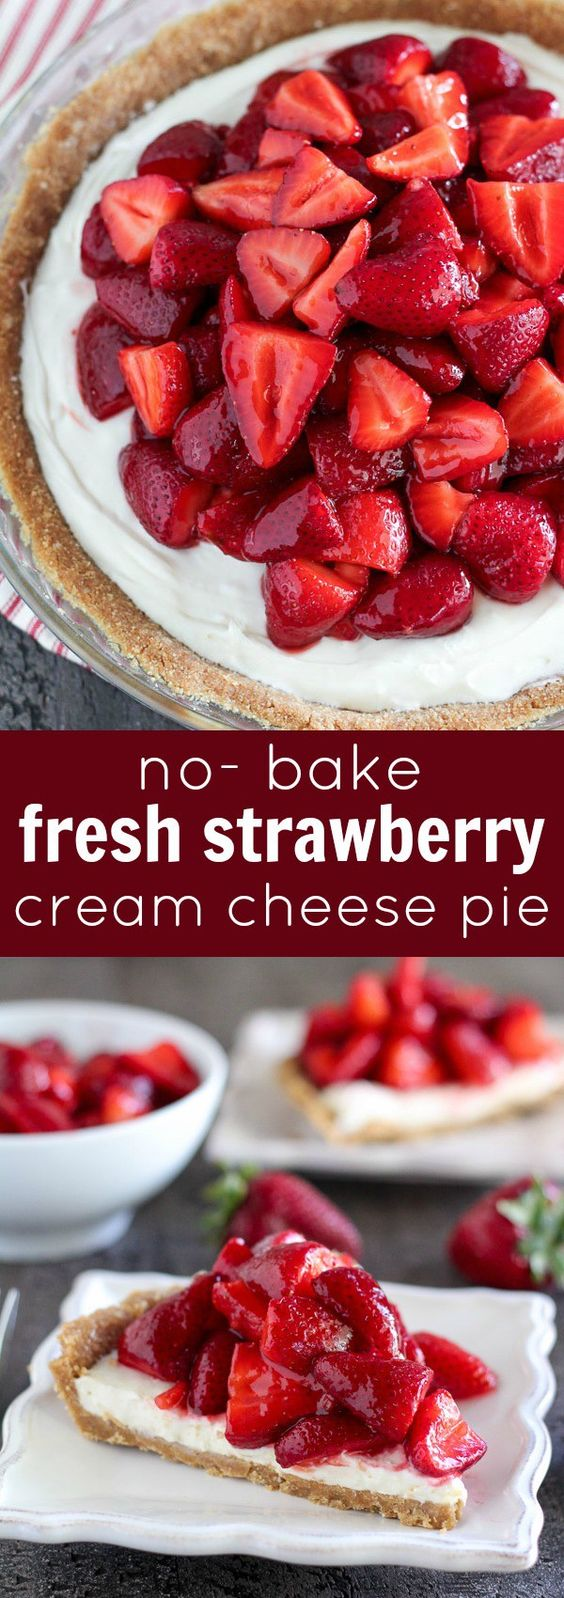 ... Cheese Pie | Recipe | Strawberry Cream Cheese Pie, Cream Cheese Pie